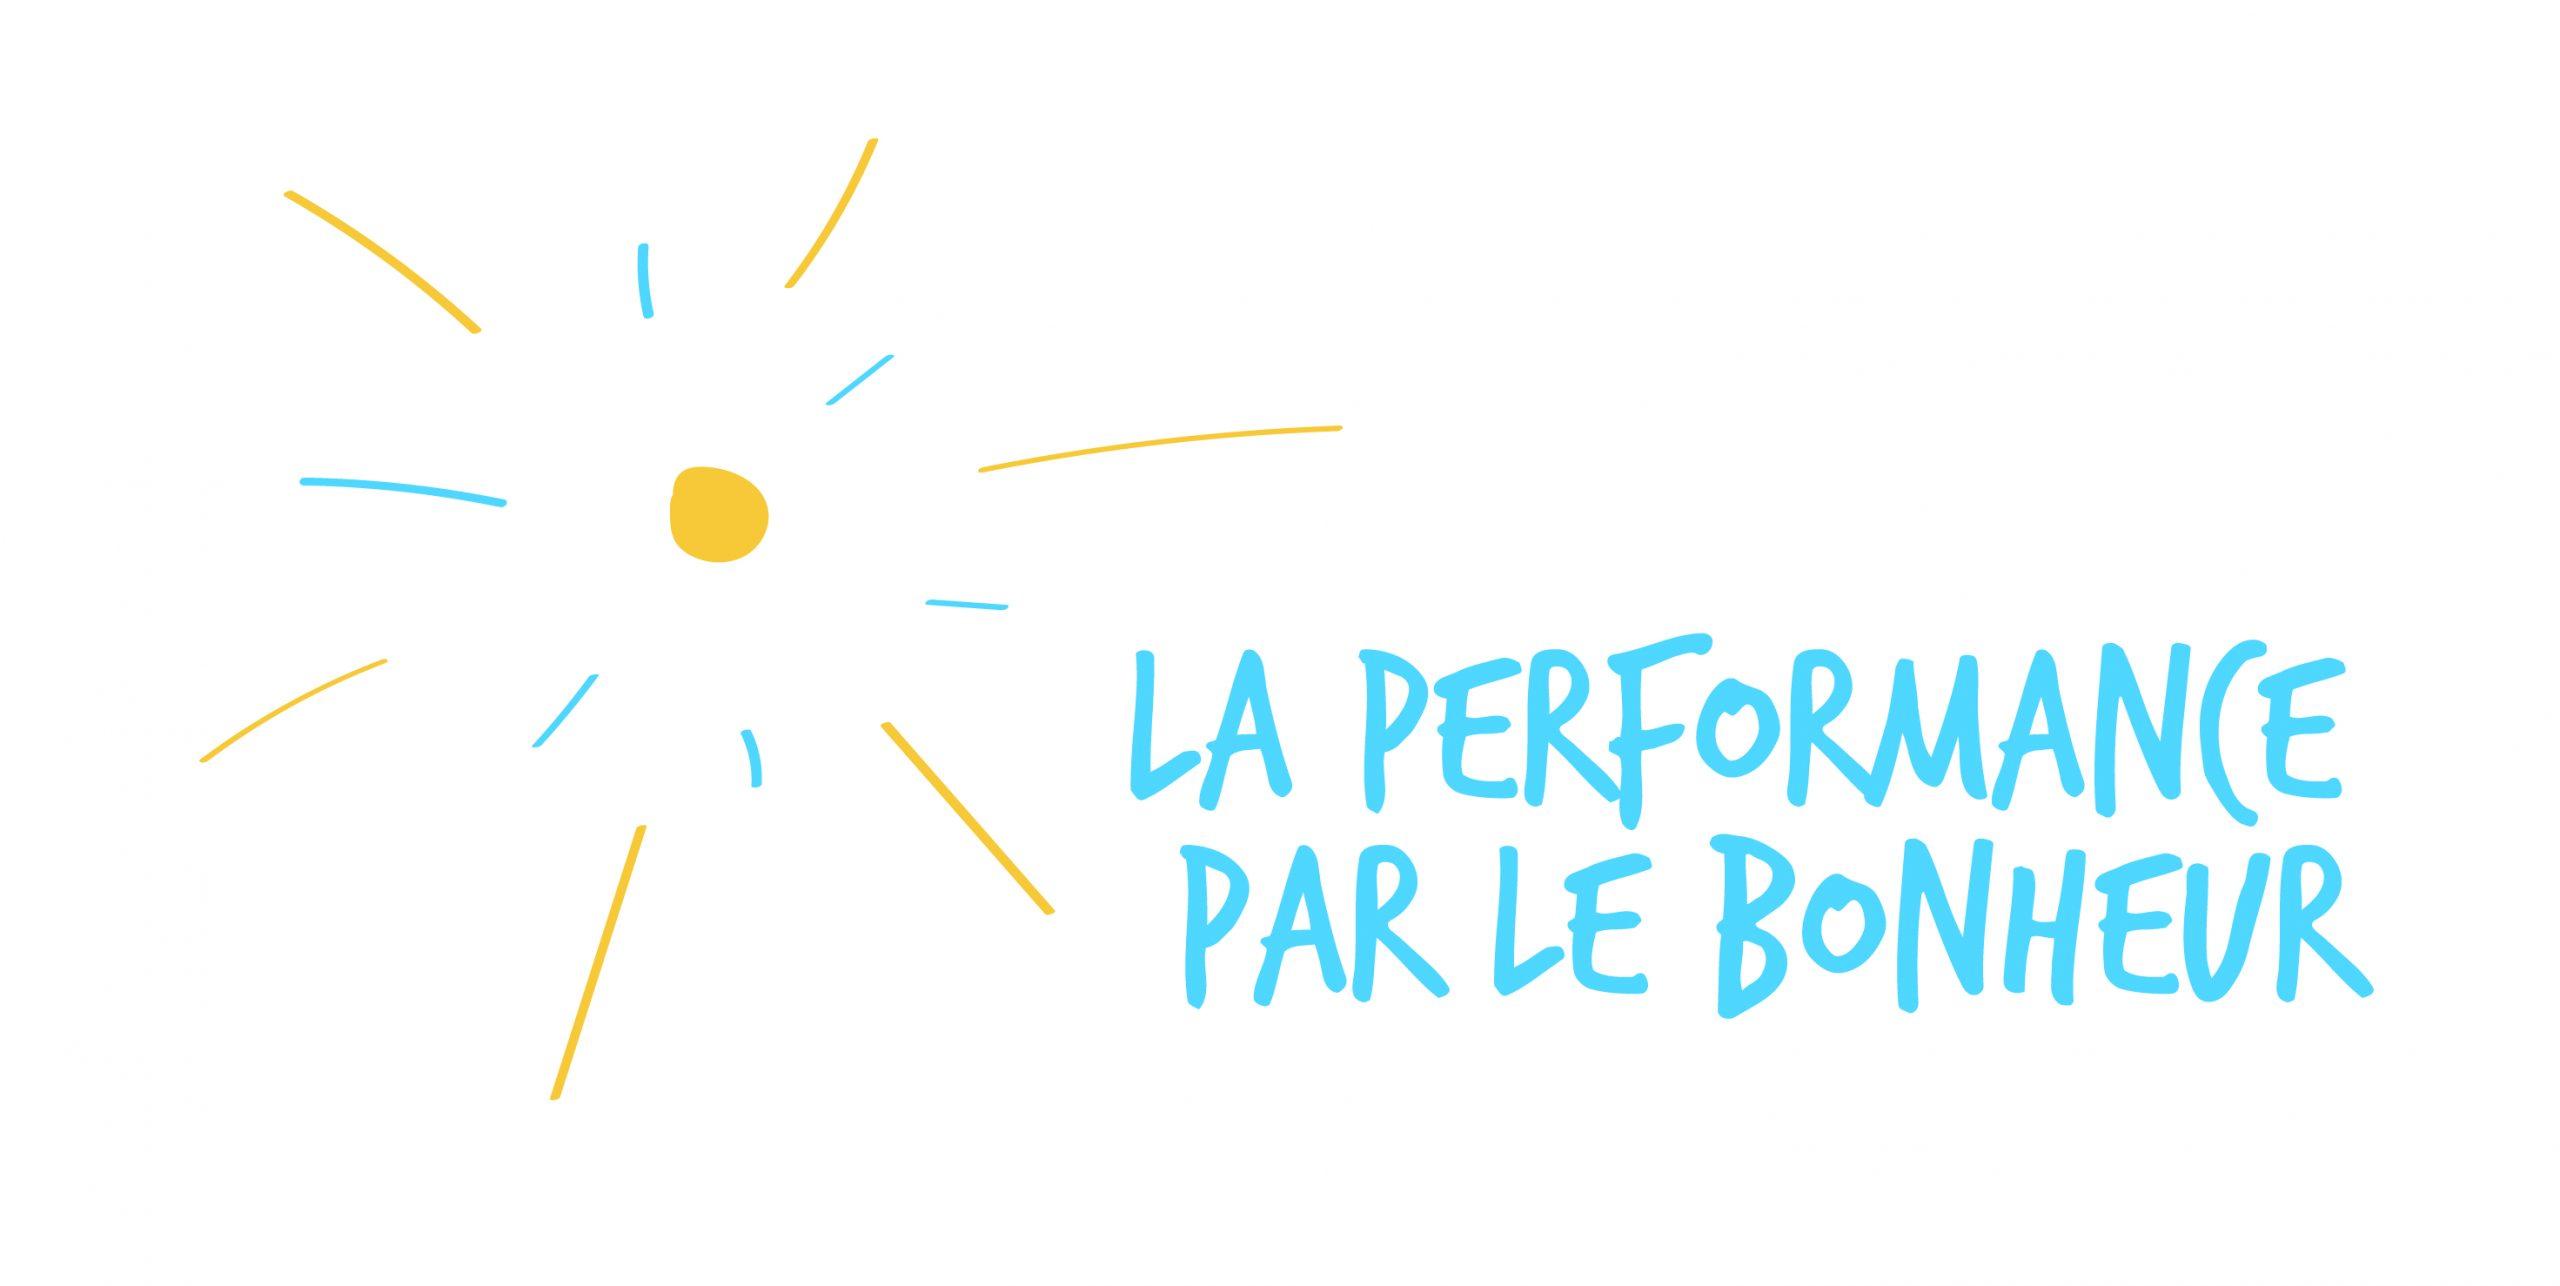 La performance par le bonheur